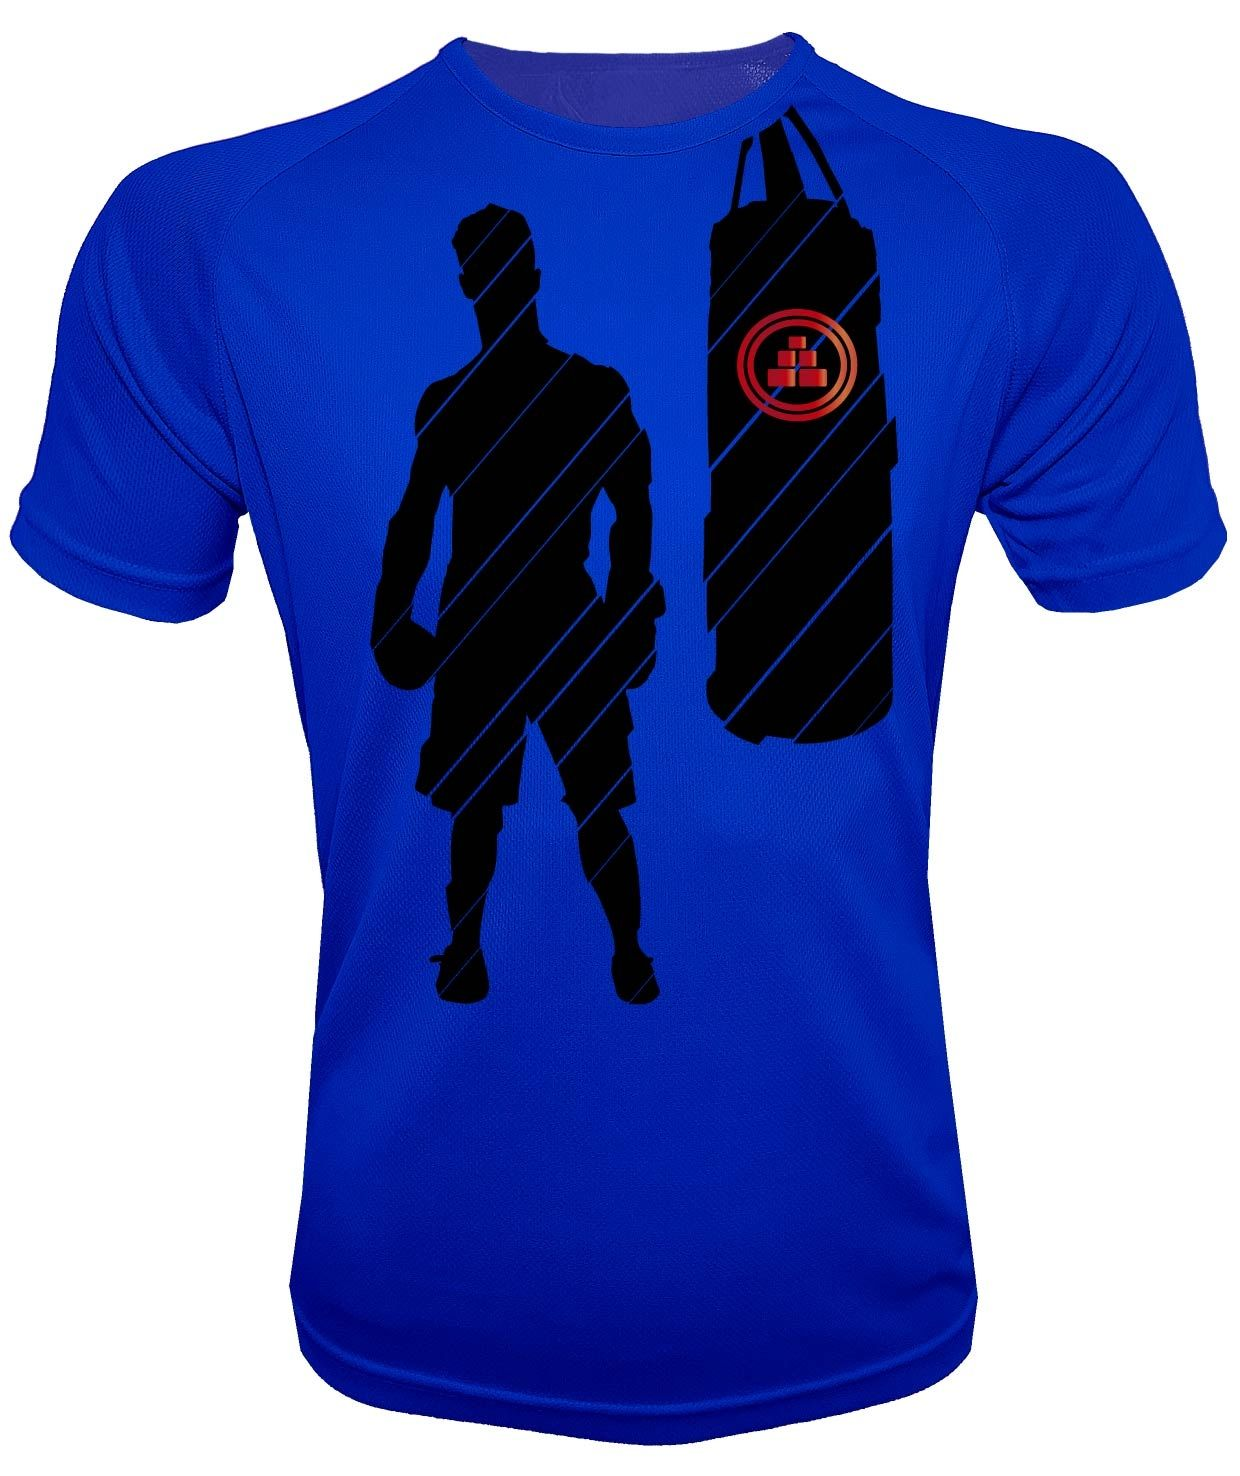 Camiseta de deporte de boxeo Azul Royal